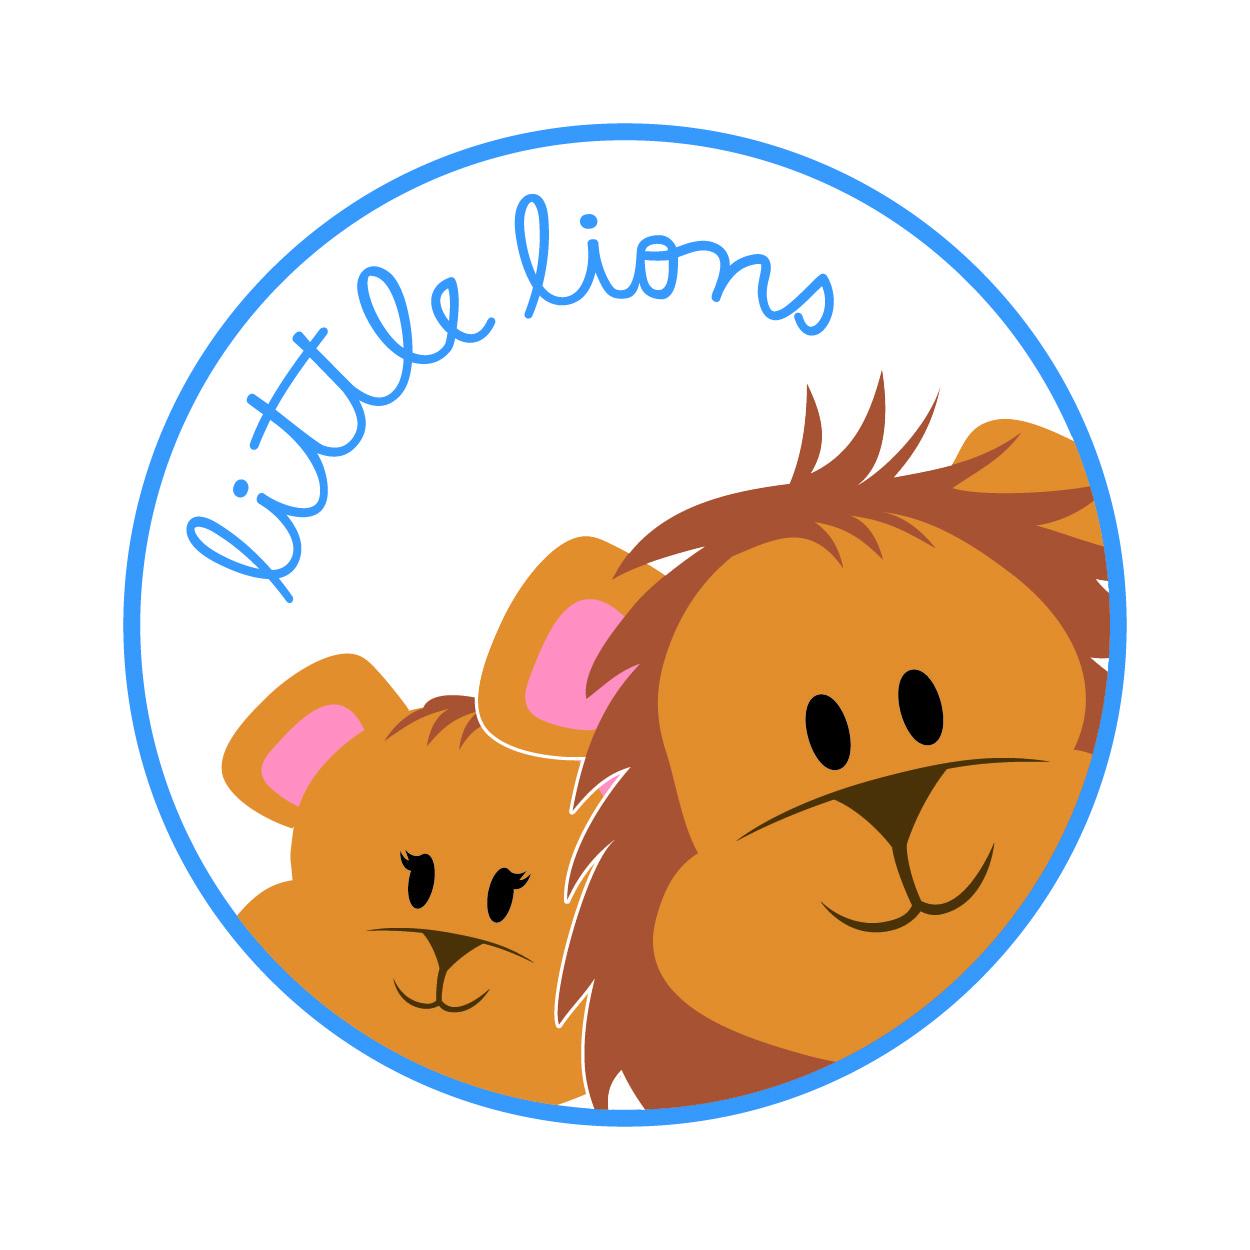 Empresas Desafio10x: SOC. EDUCACIONAL LITTLE LIONS LTDA